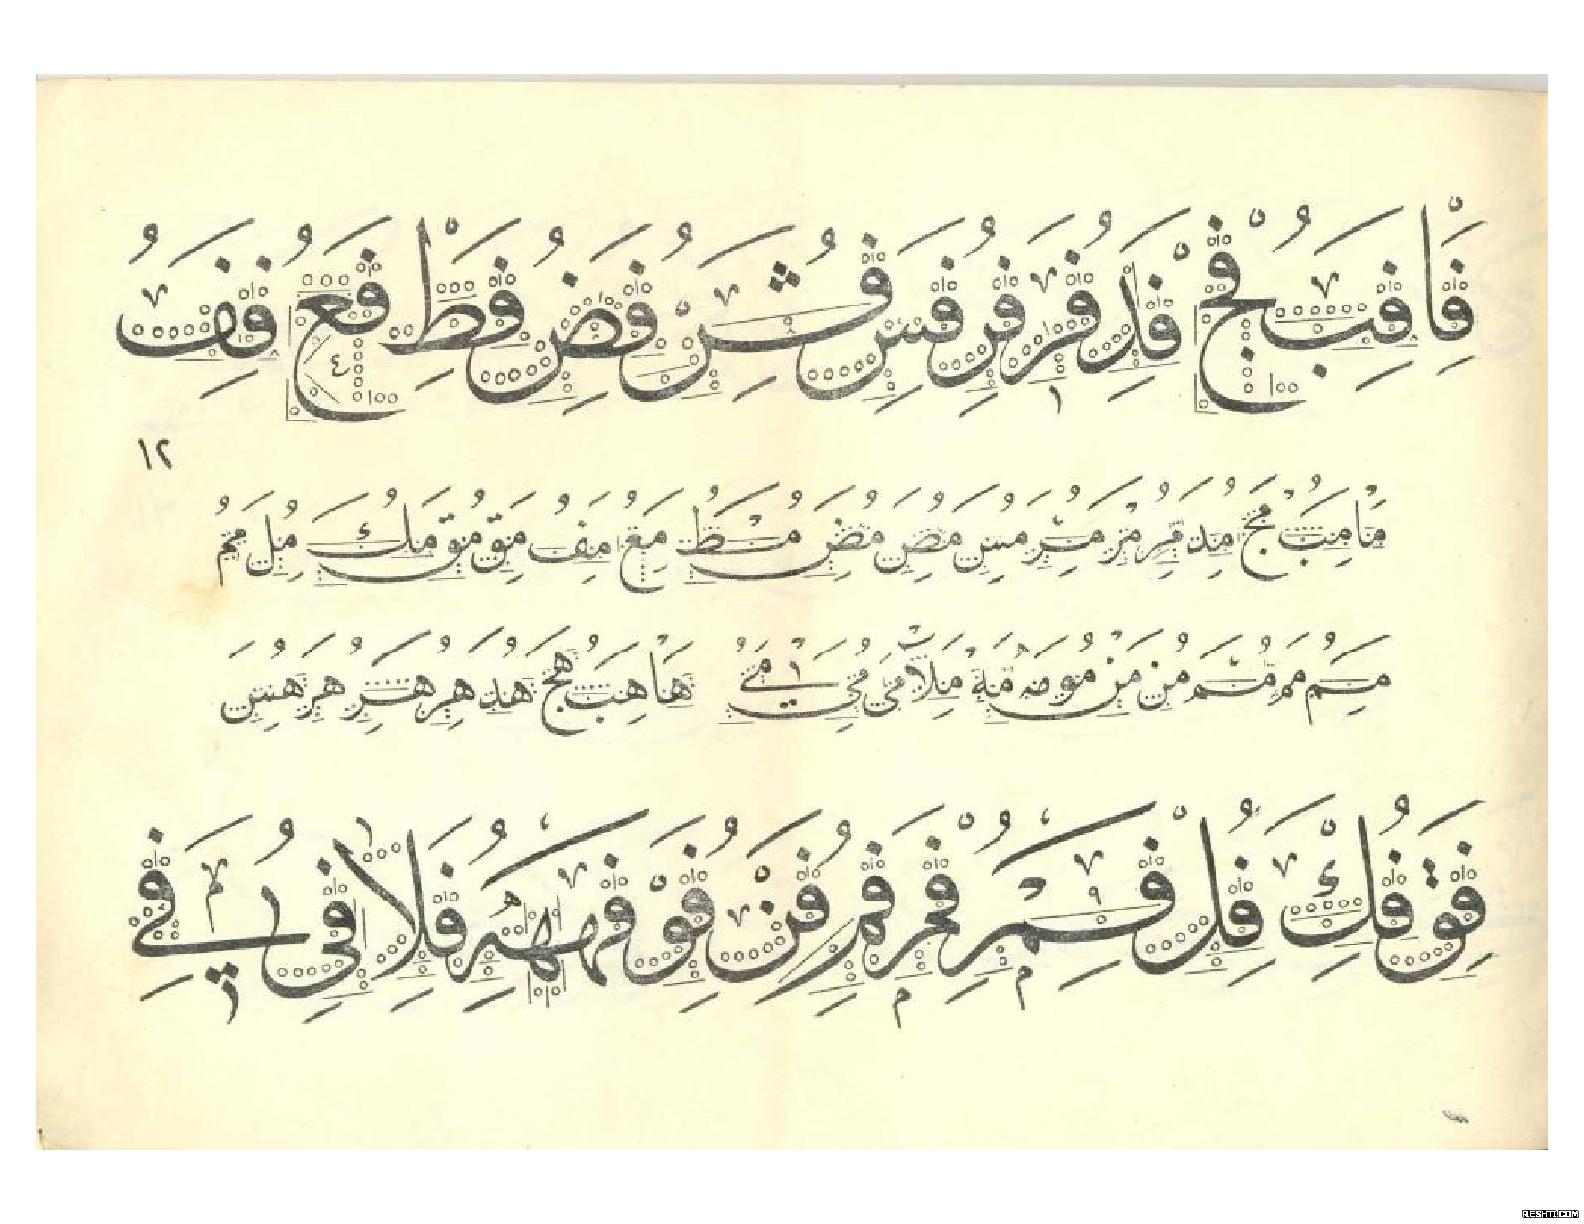 كراسة ثلث ونسخ- محمد أحمد عبد العال